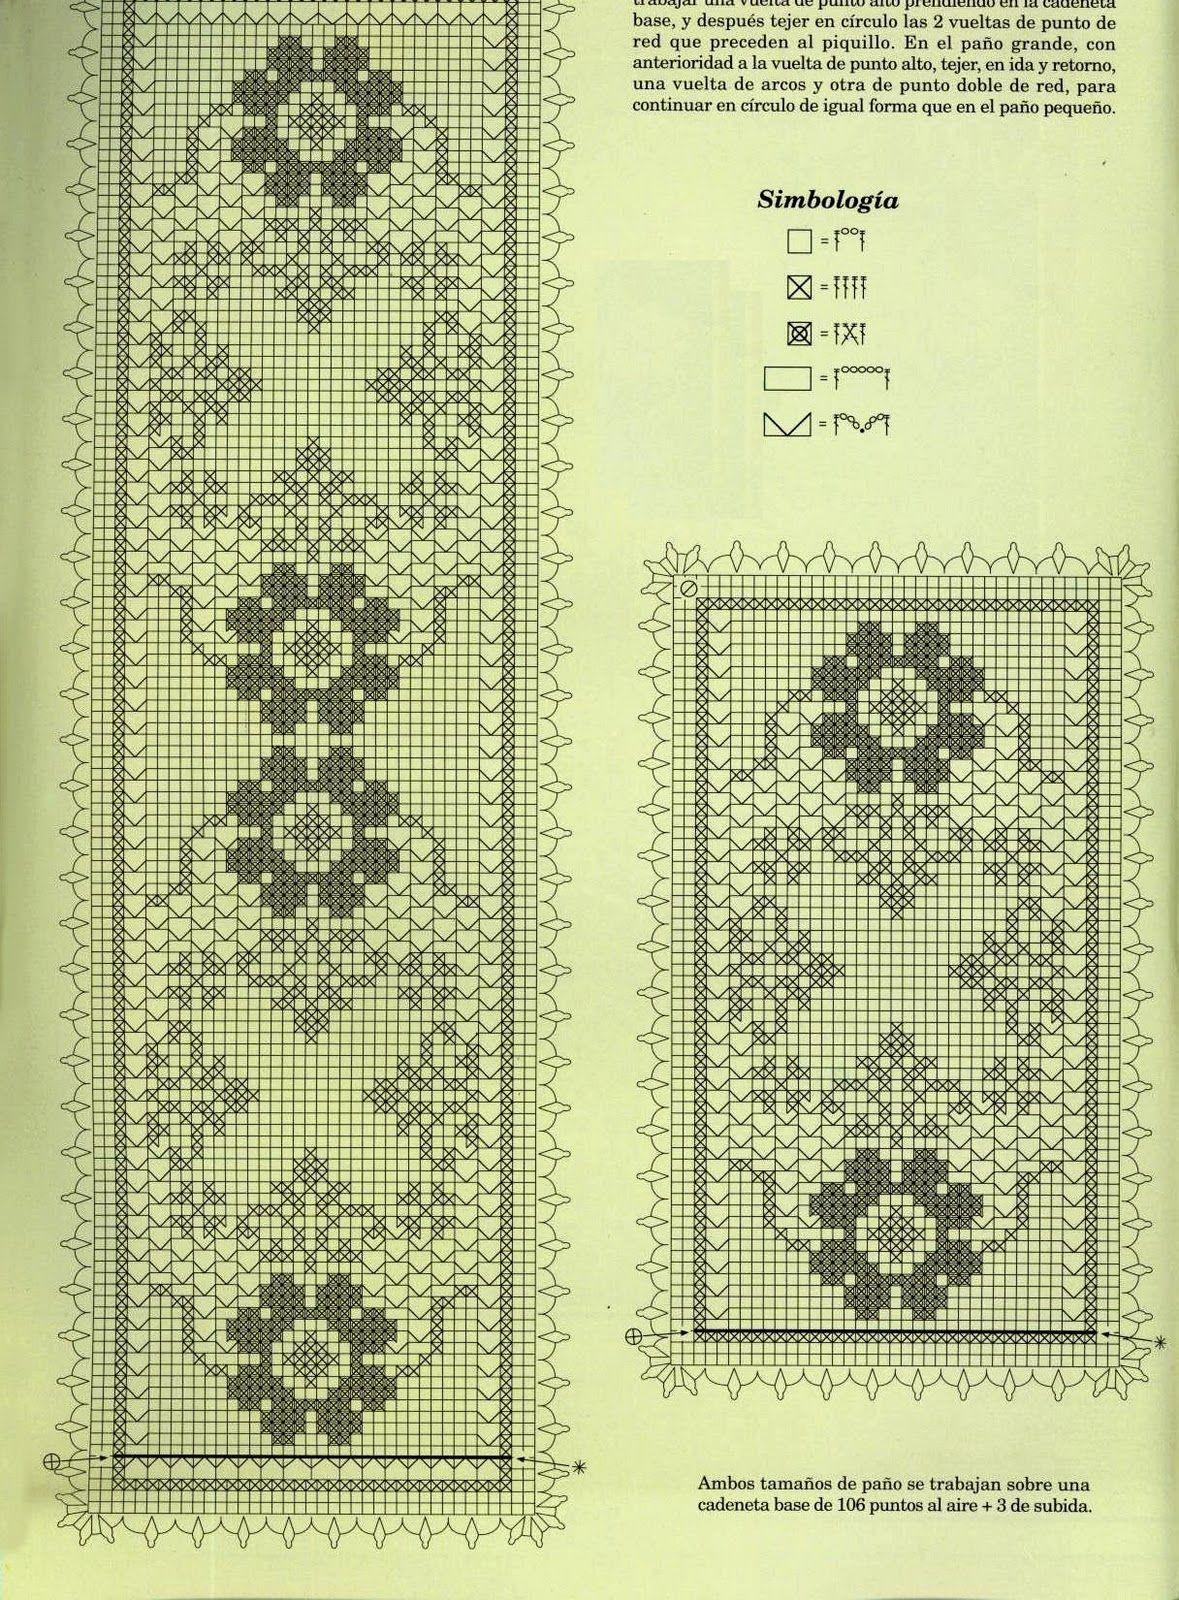 trittico filet rettangolare fiori (2) - magiedifilo.it punto croce  uncinetto schemi gratis hobby creativi 2f5981b02442